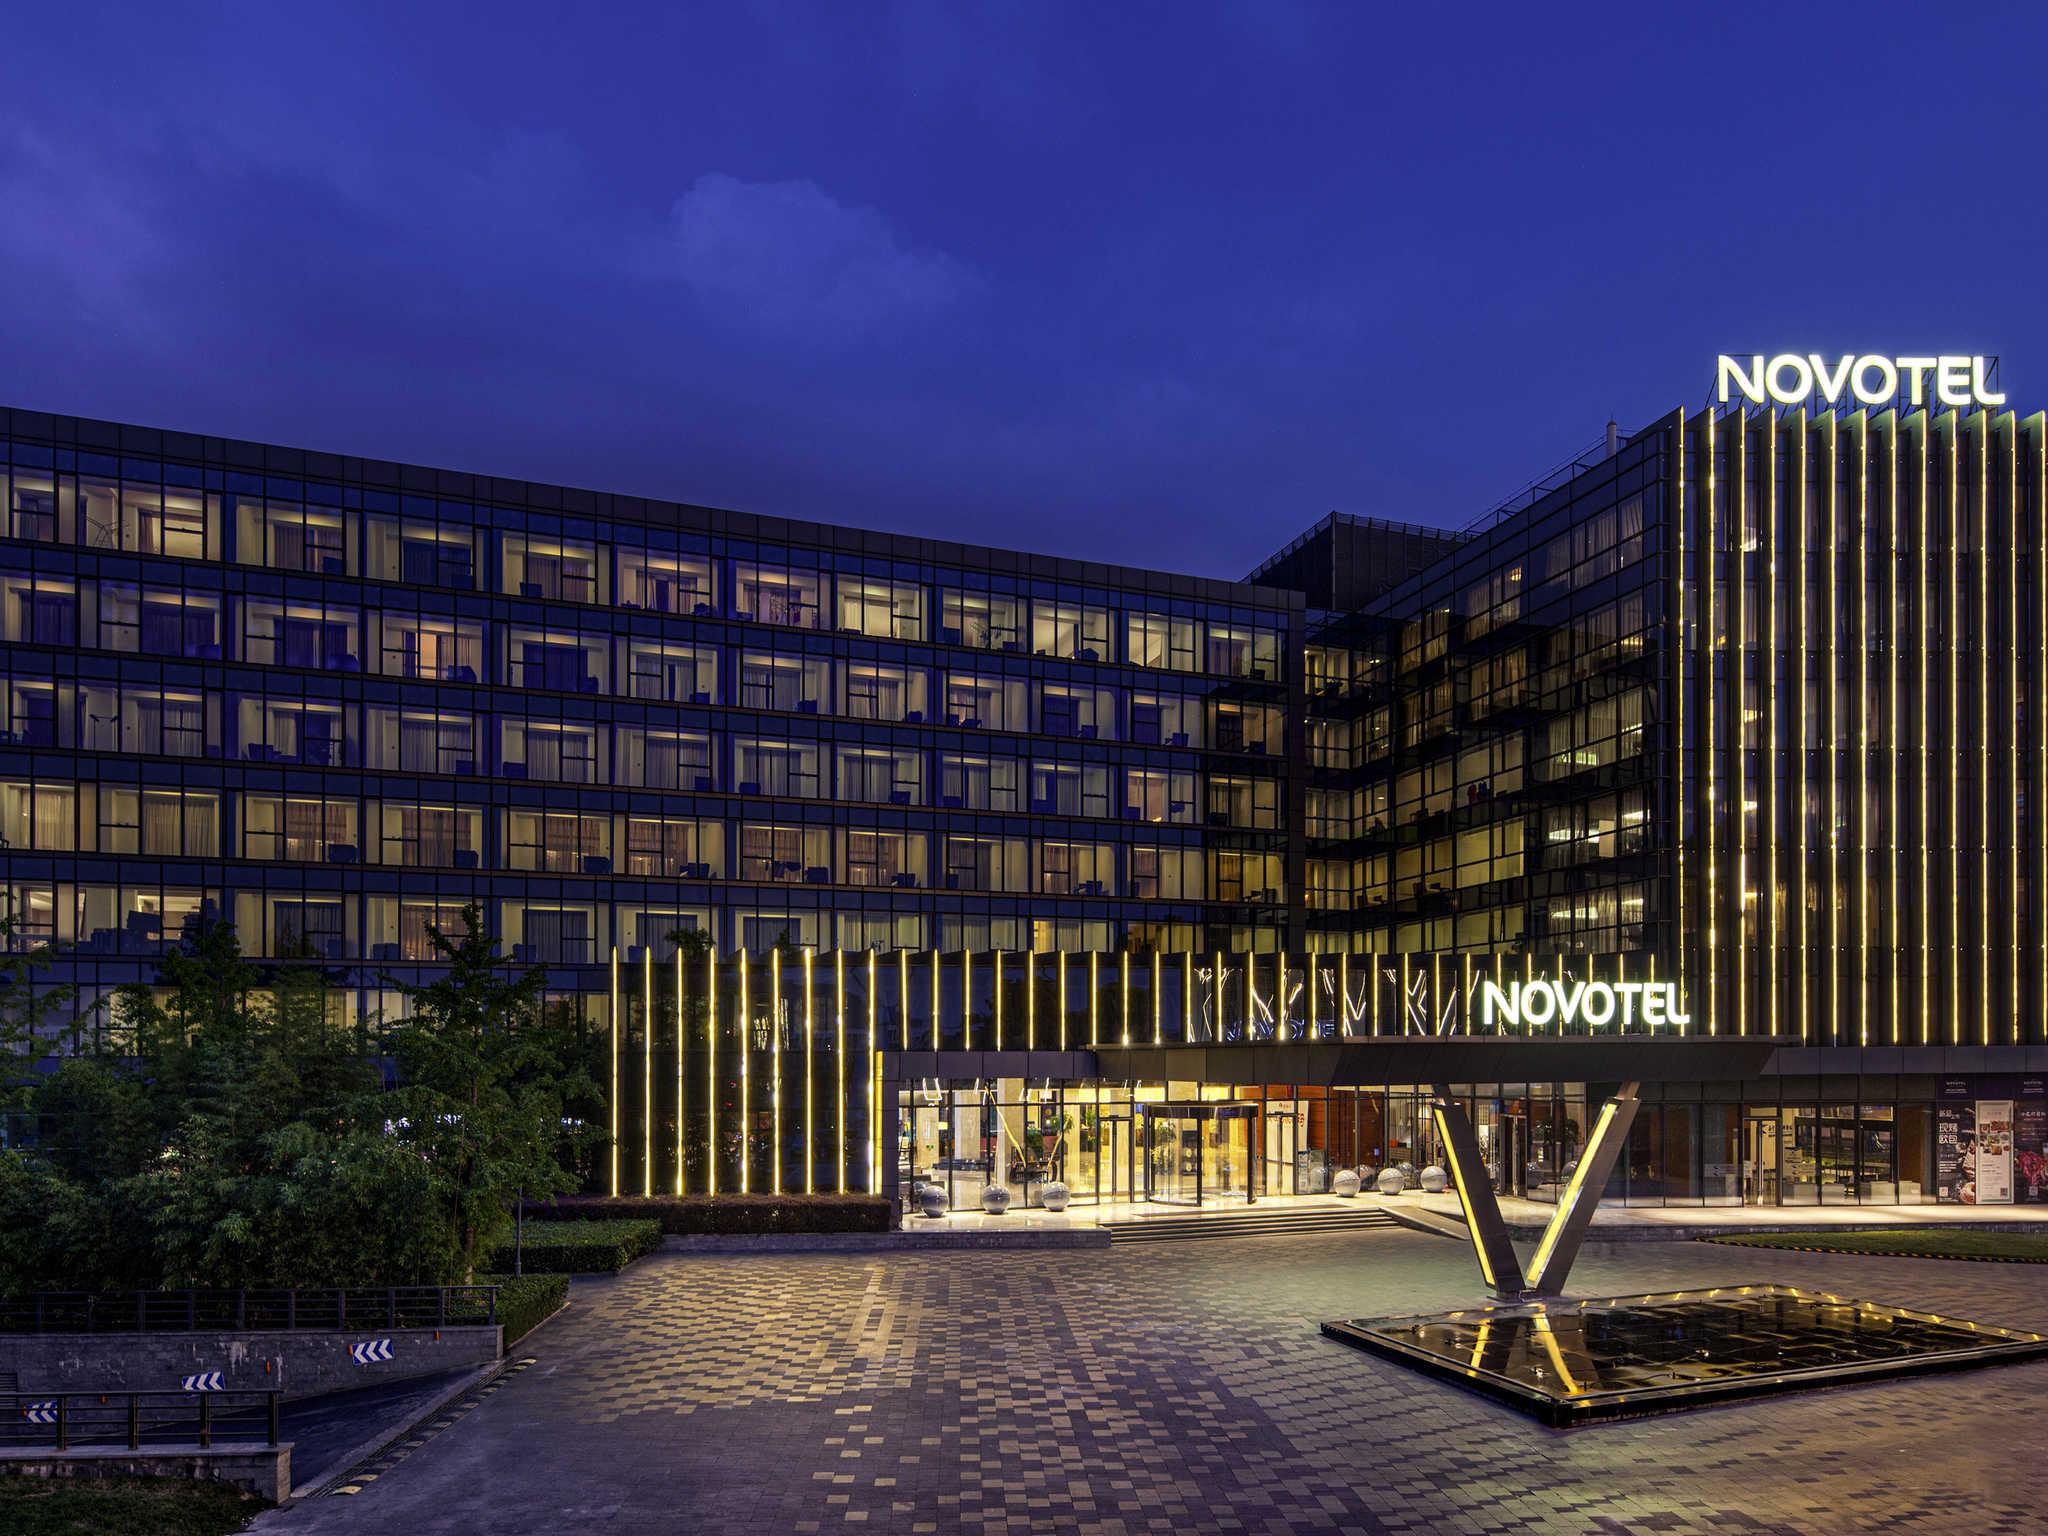 Hotel - Novotel Nanjing East Suning